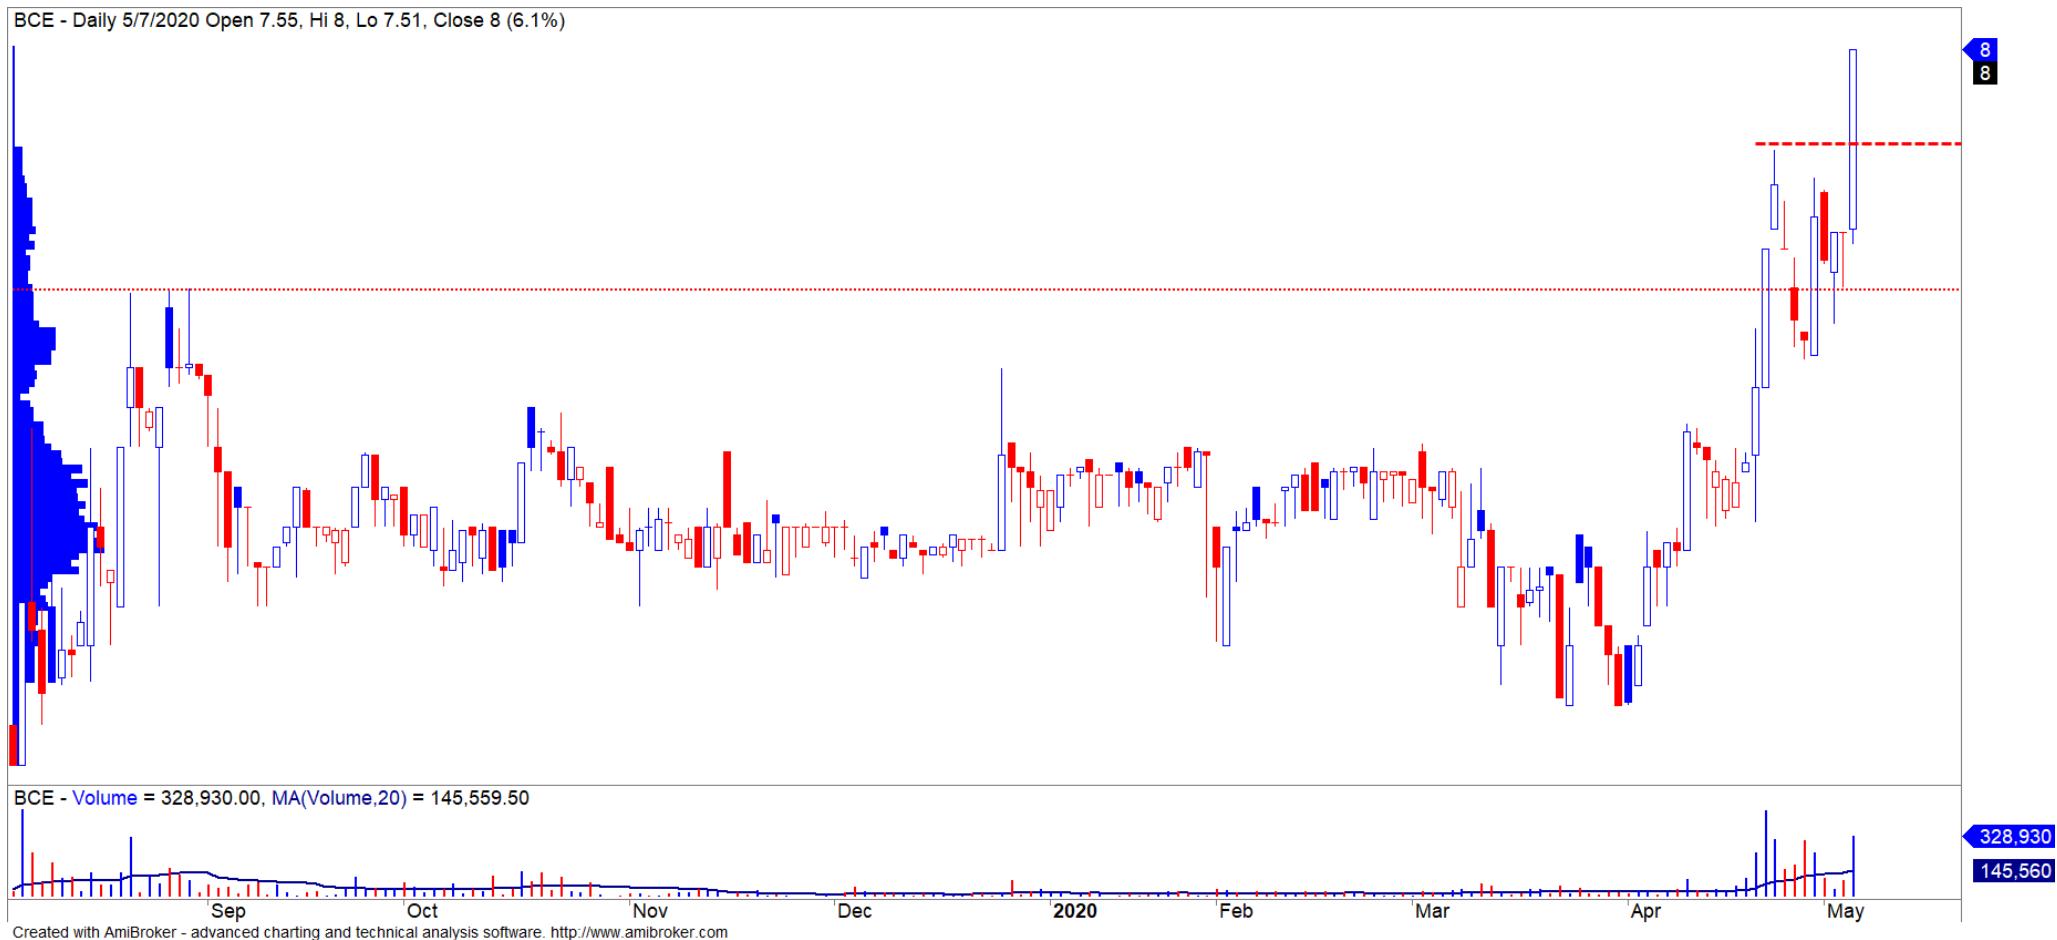 Cổ phiếu tâm điểm ngày 11/5: VCB, TCB, VHM, BCE - Ảnh 5.